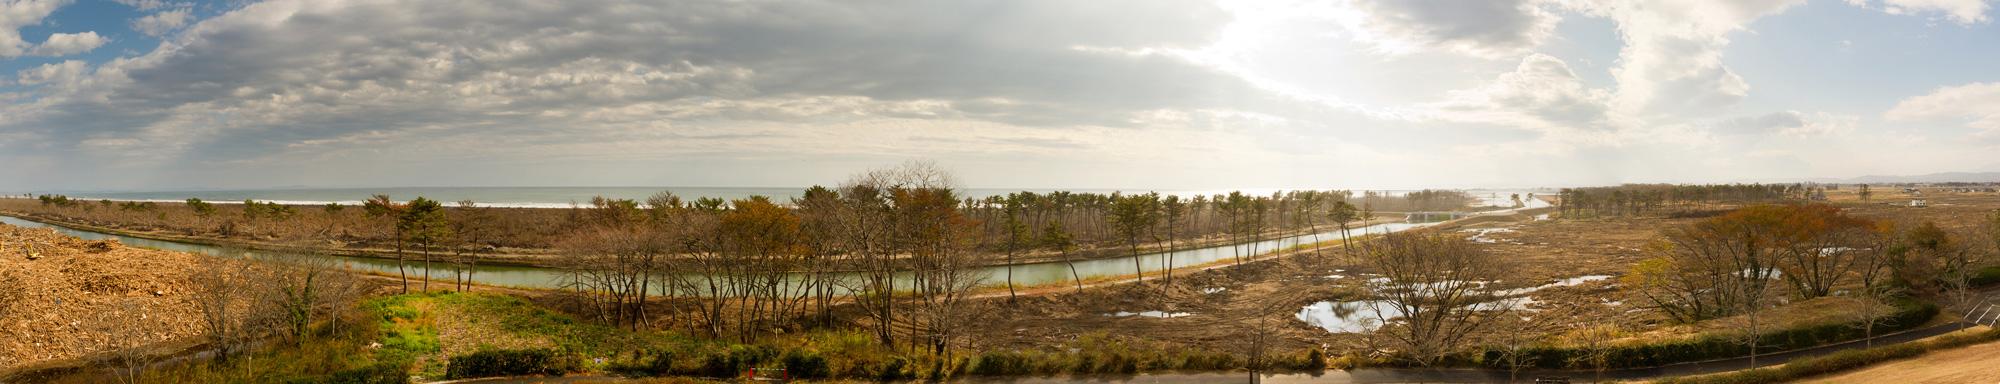 冒険広場遊具から見えるパノラマ2・2011年11月20日